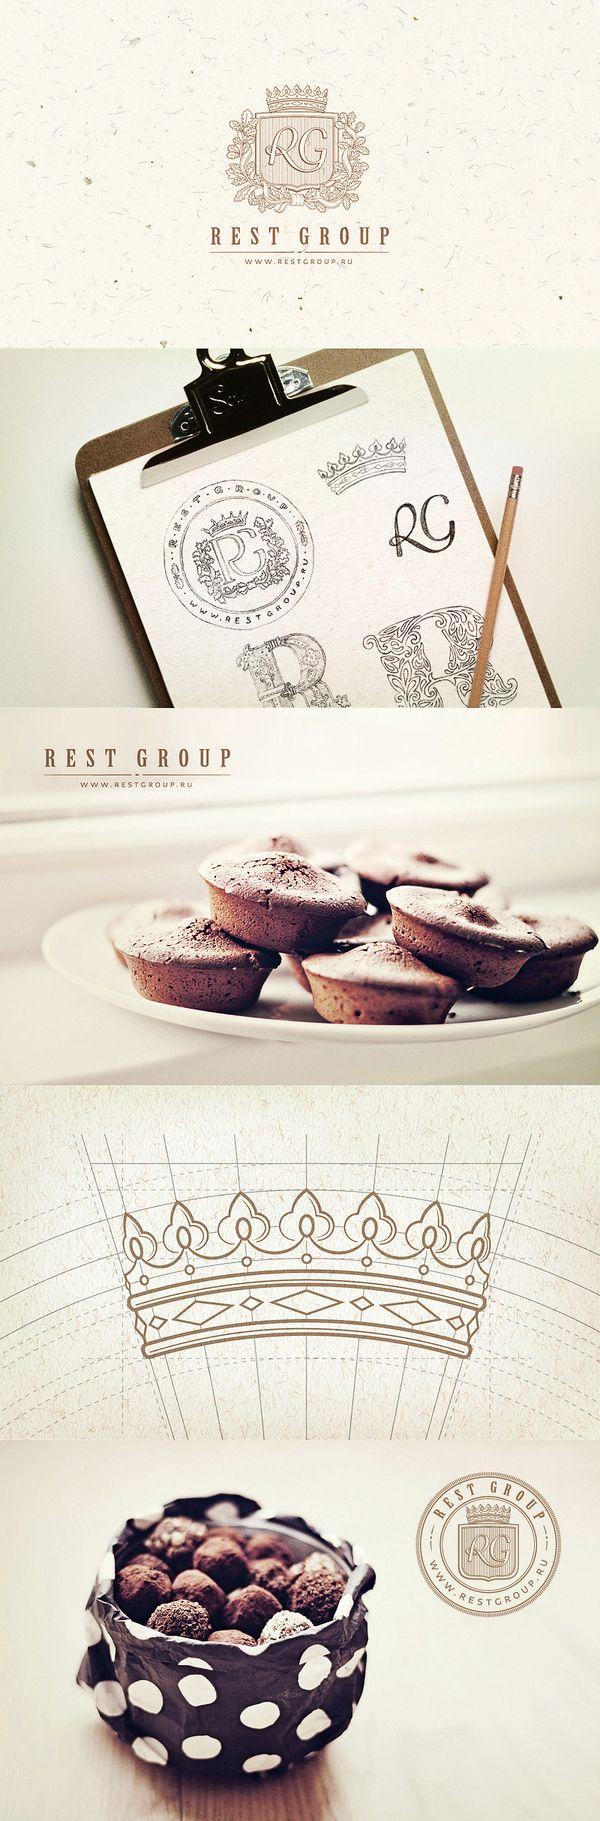 #branding #design #logo